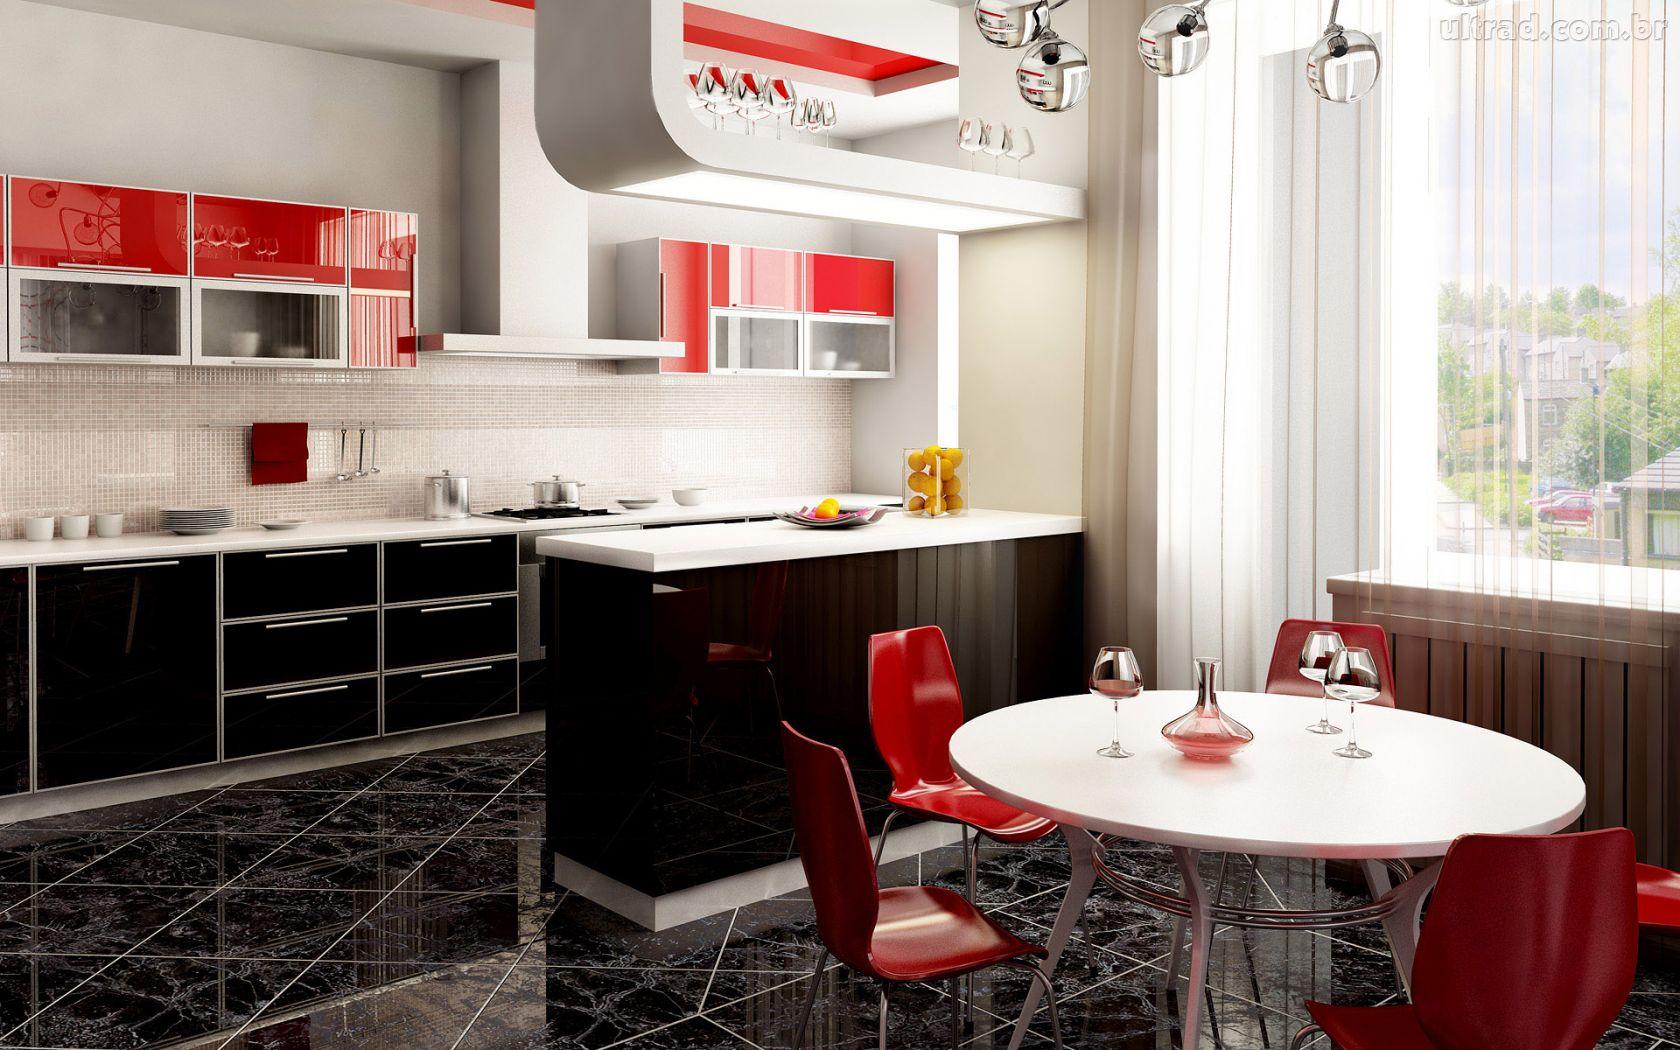 Vermelho na cozinha 6